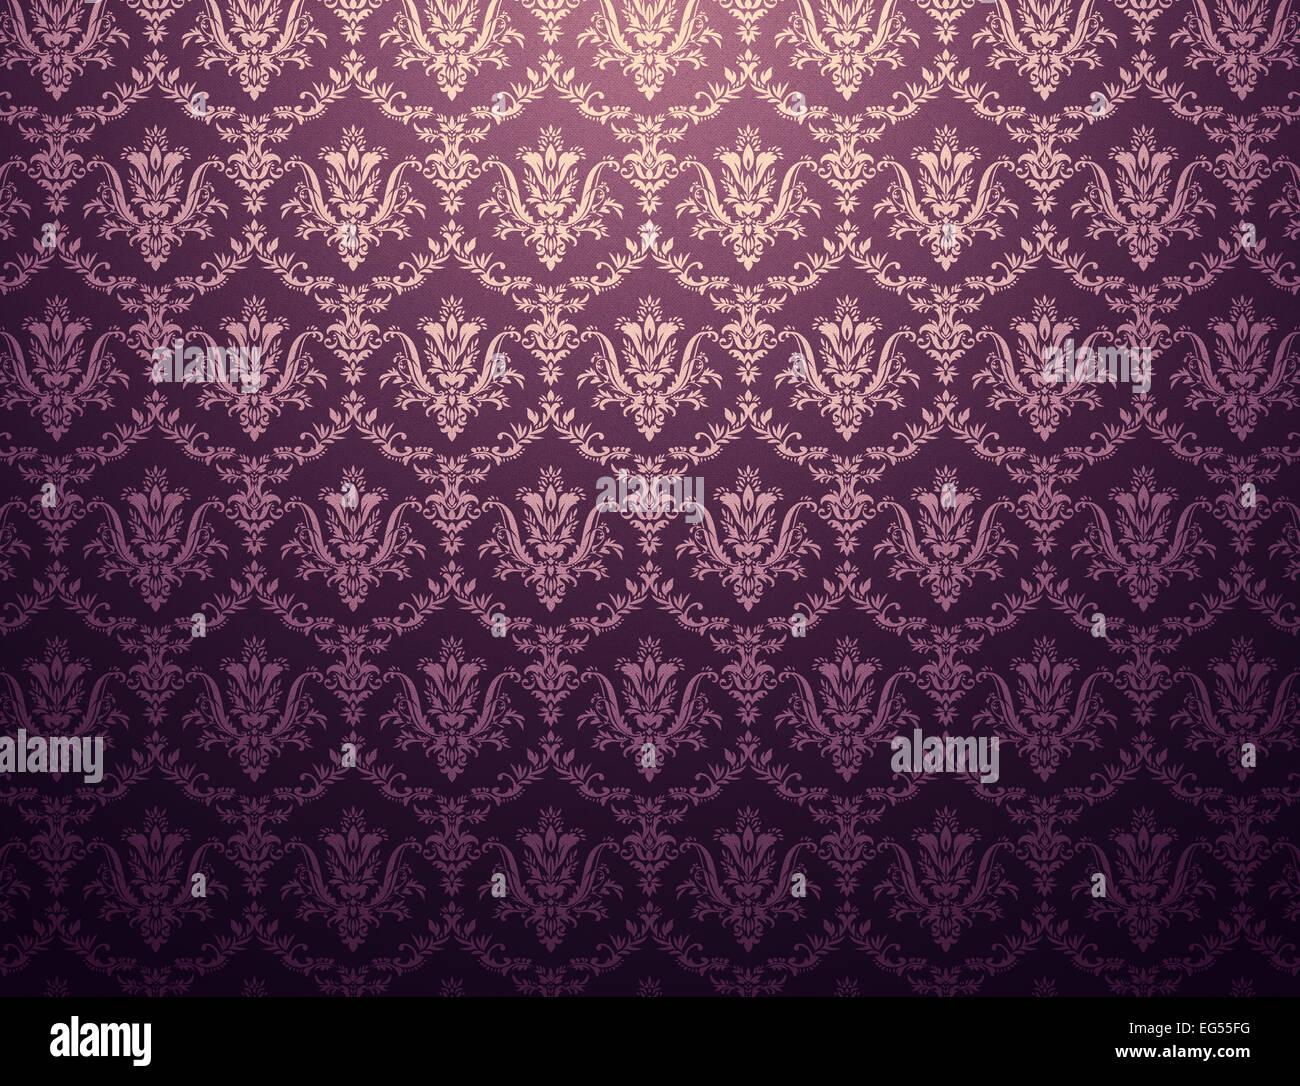 Fond d'écran violet foncé avec motif floral doré Banque D'Images, Photo Stock: 78790084 - Alamy